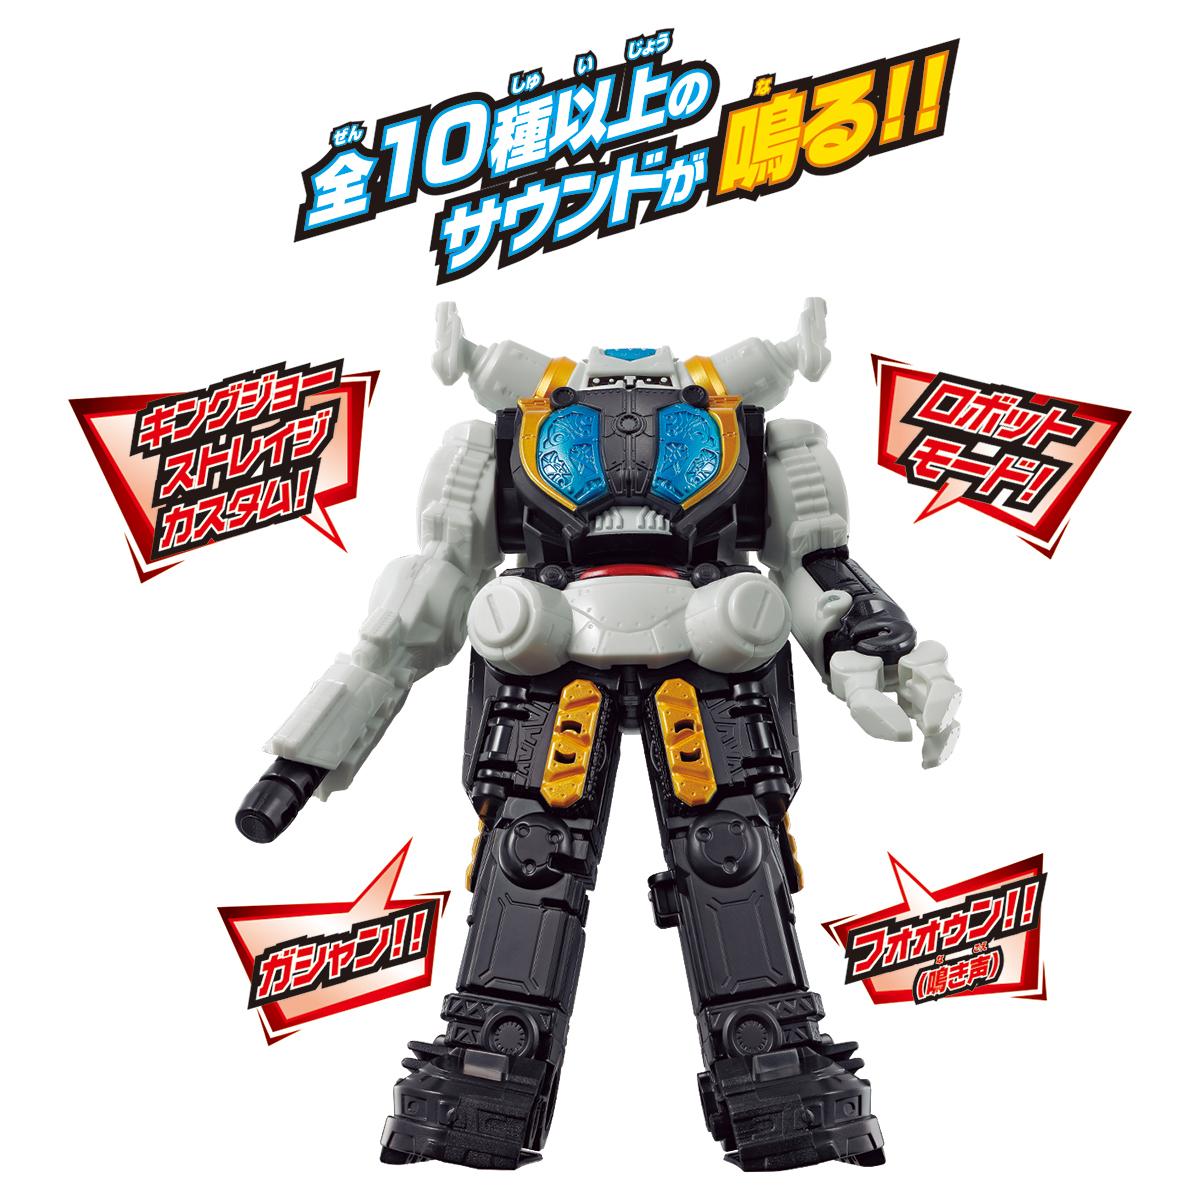 ウルトラマンZ『DXキングジョー ストレイジカスタム』合体変形可動フィギュア-001